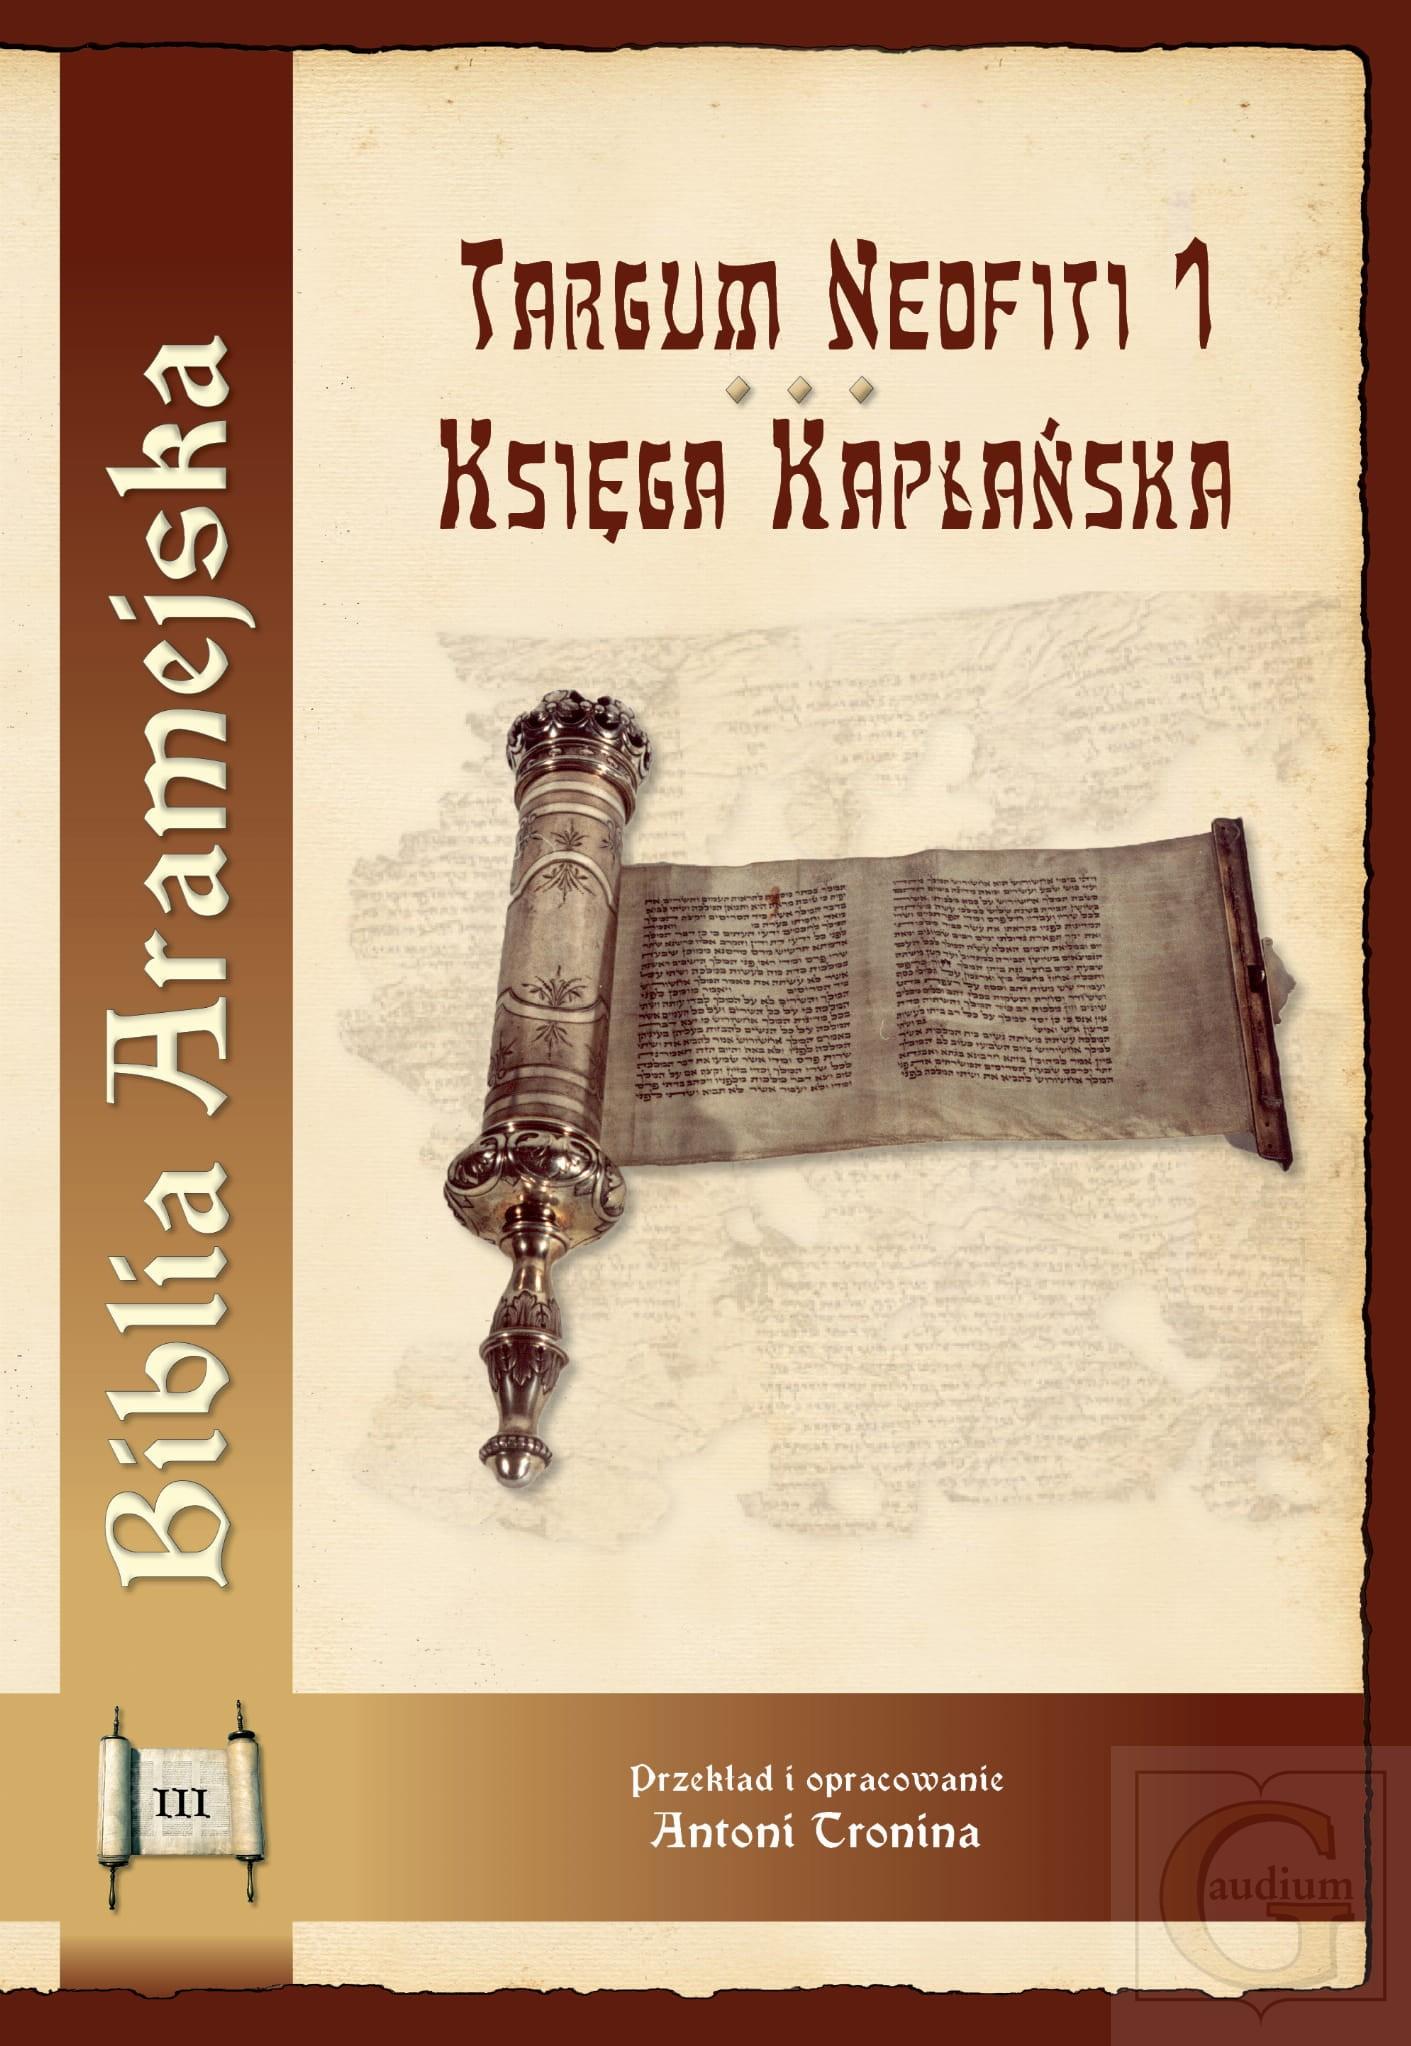 Biblia aramejska Targum Neofiti 1. Księga Kapłańska